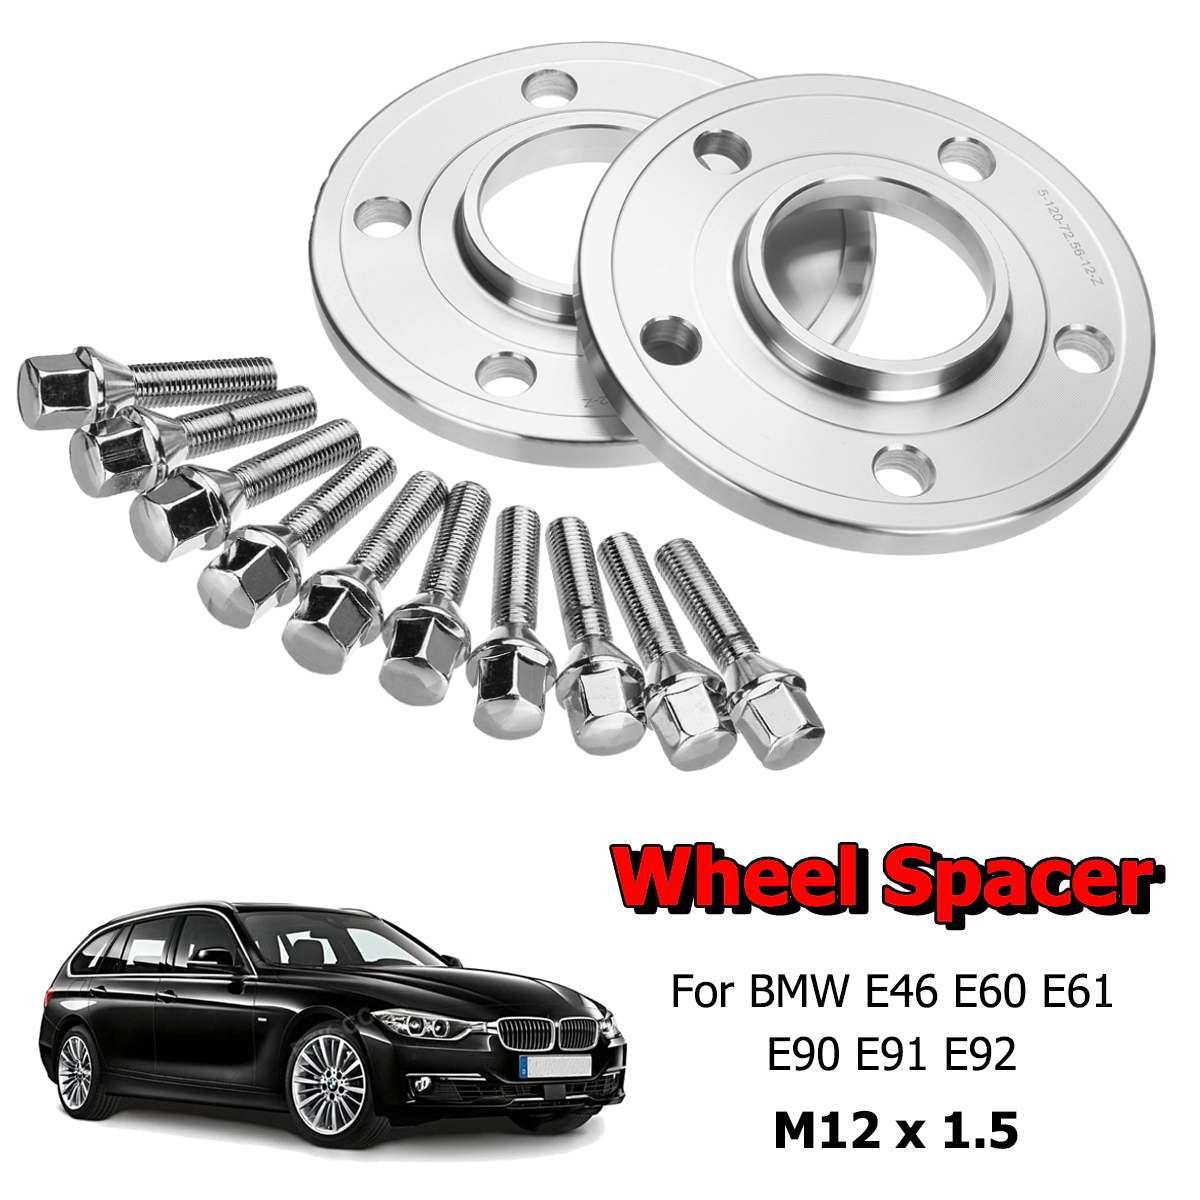 1 paar Auto Rad Spacer Adapter Distanzscheiben Kit 12mm Hubcentric 5X120mm Für BMW 1 3 5 6 7 8 serie E46 E60 E61 E90 E91 E92 Z3 Z4 Z8